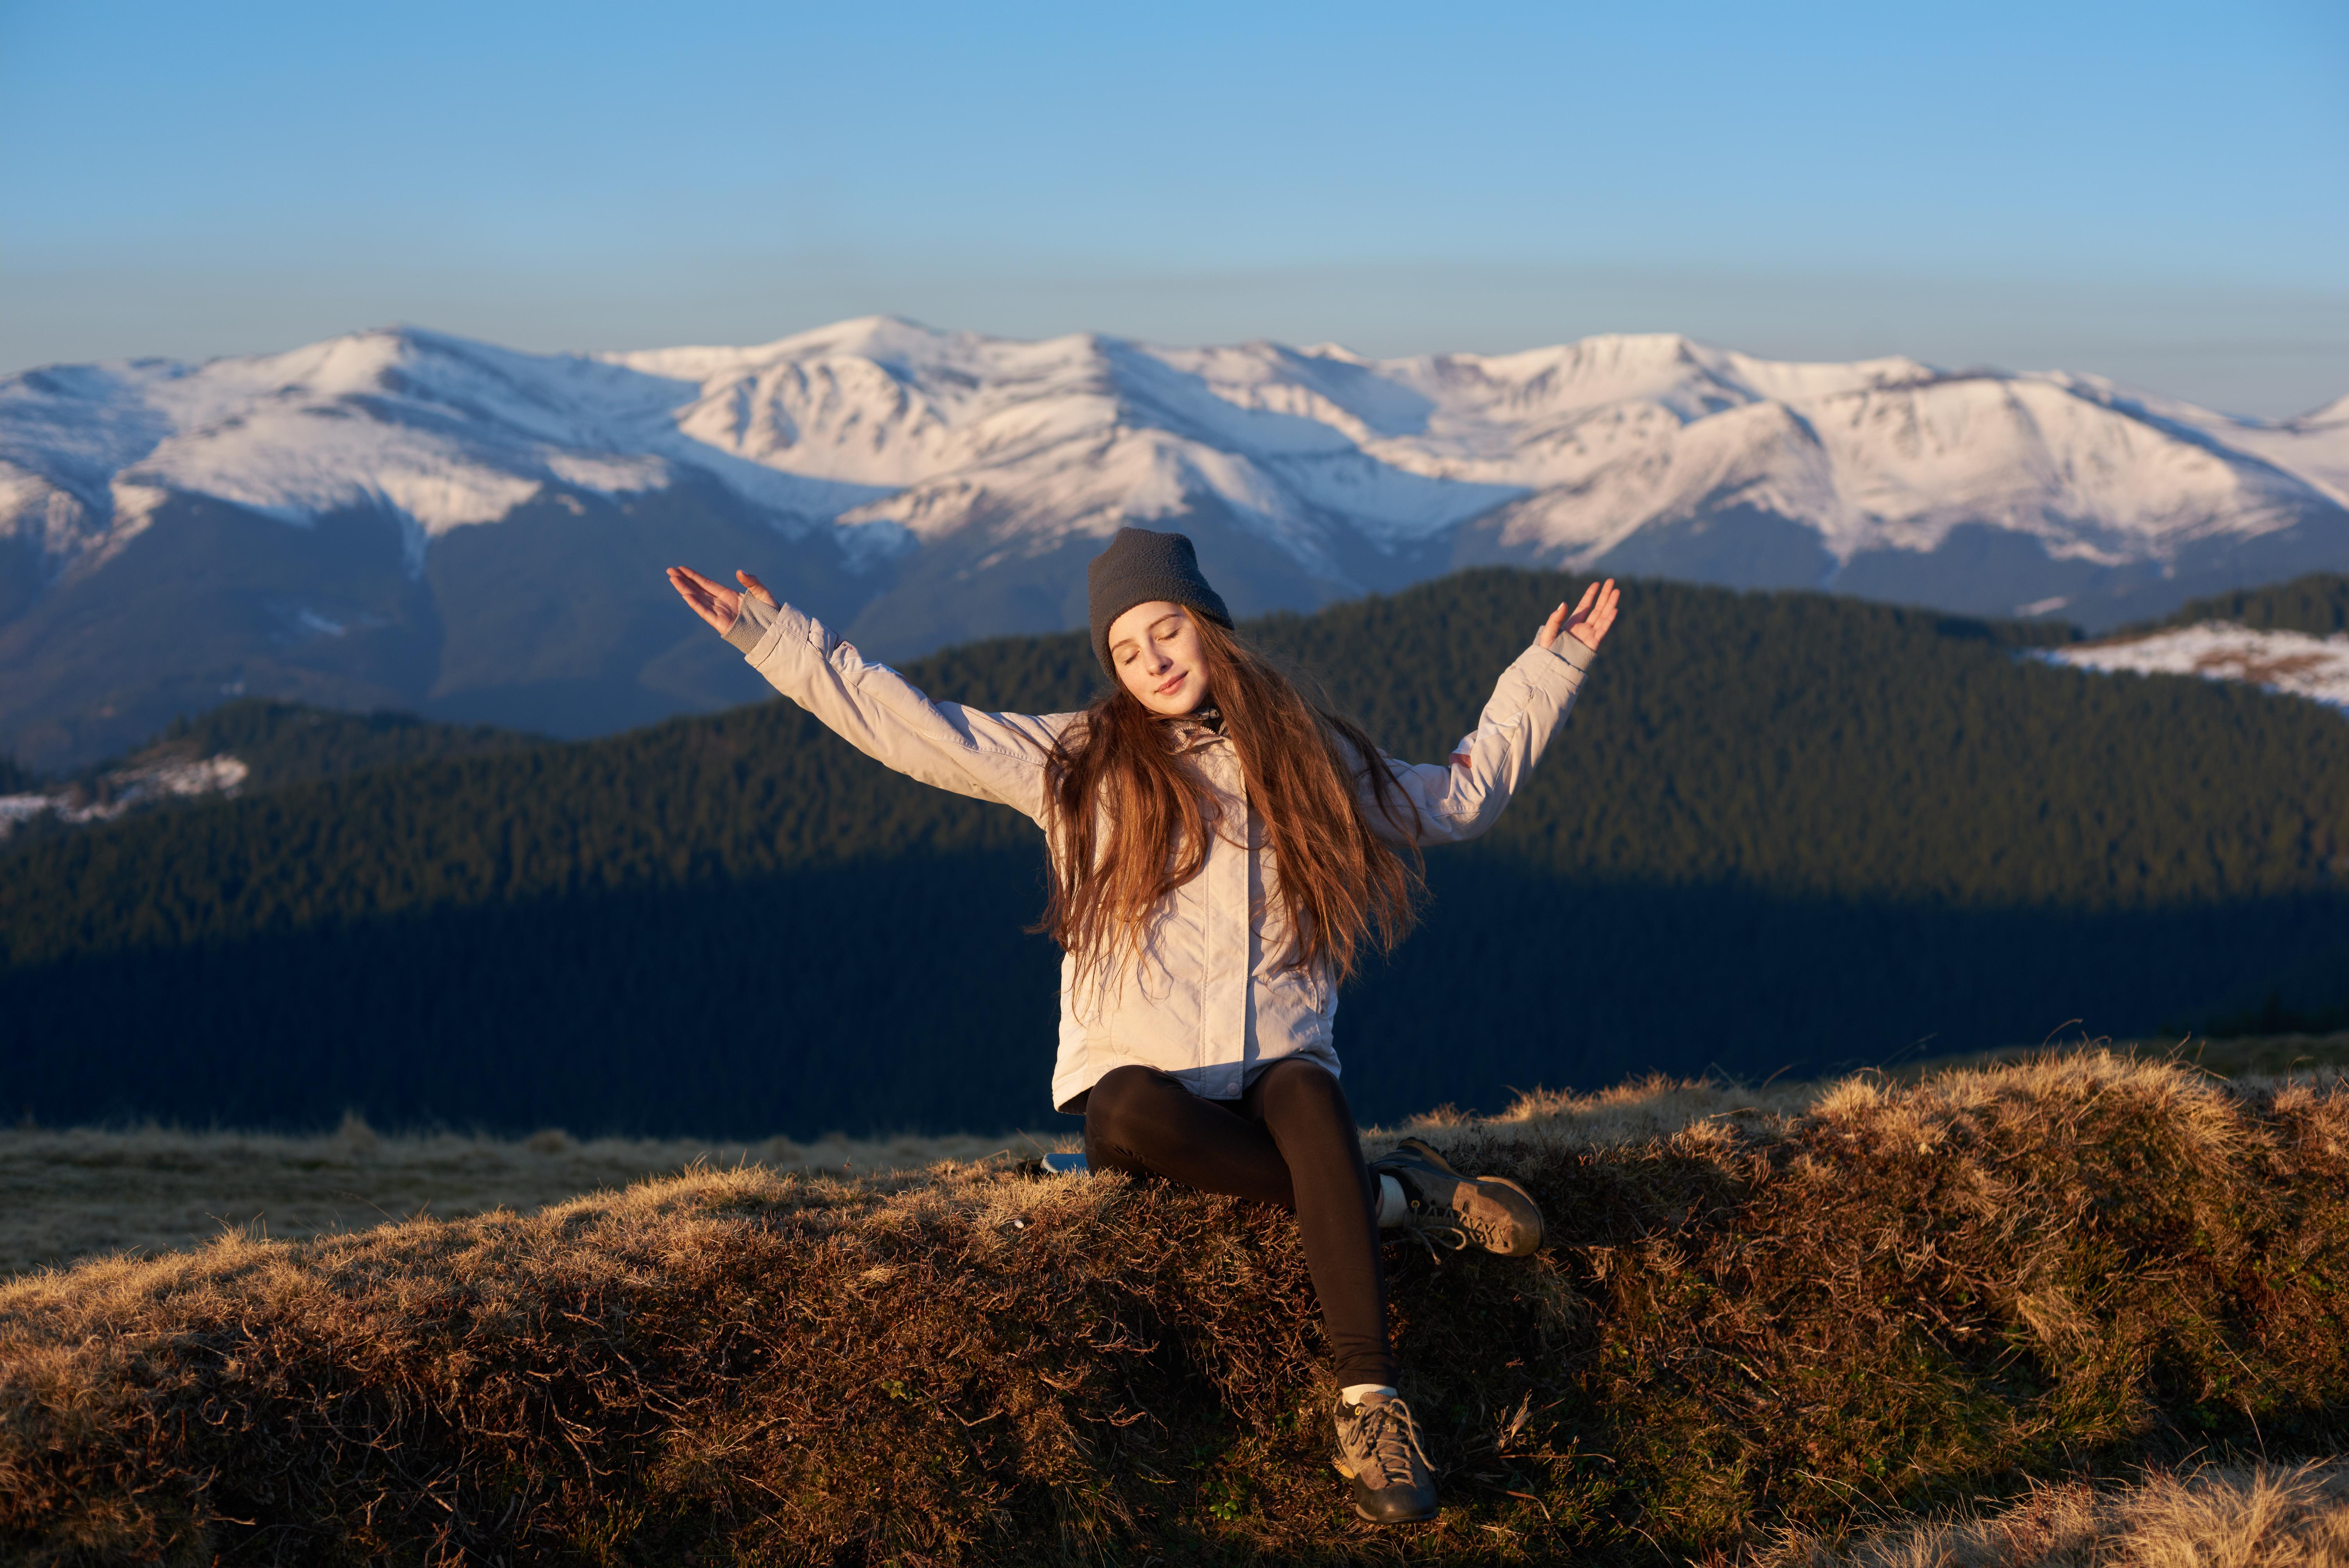 Une femme lève les bras au ciel en souriant devant un paysage de montagnes.jpg